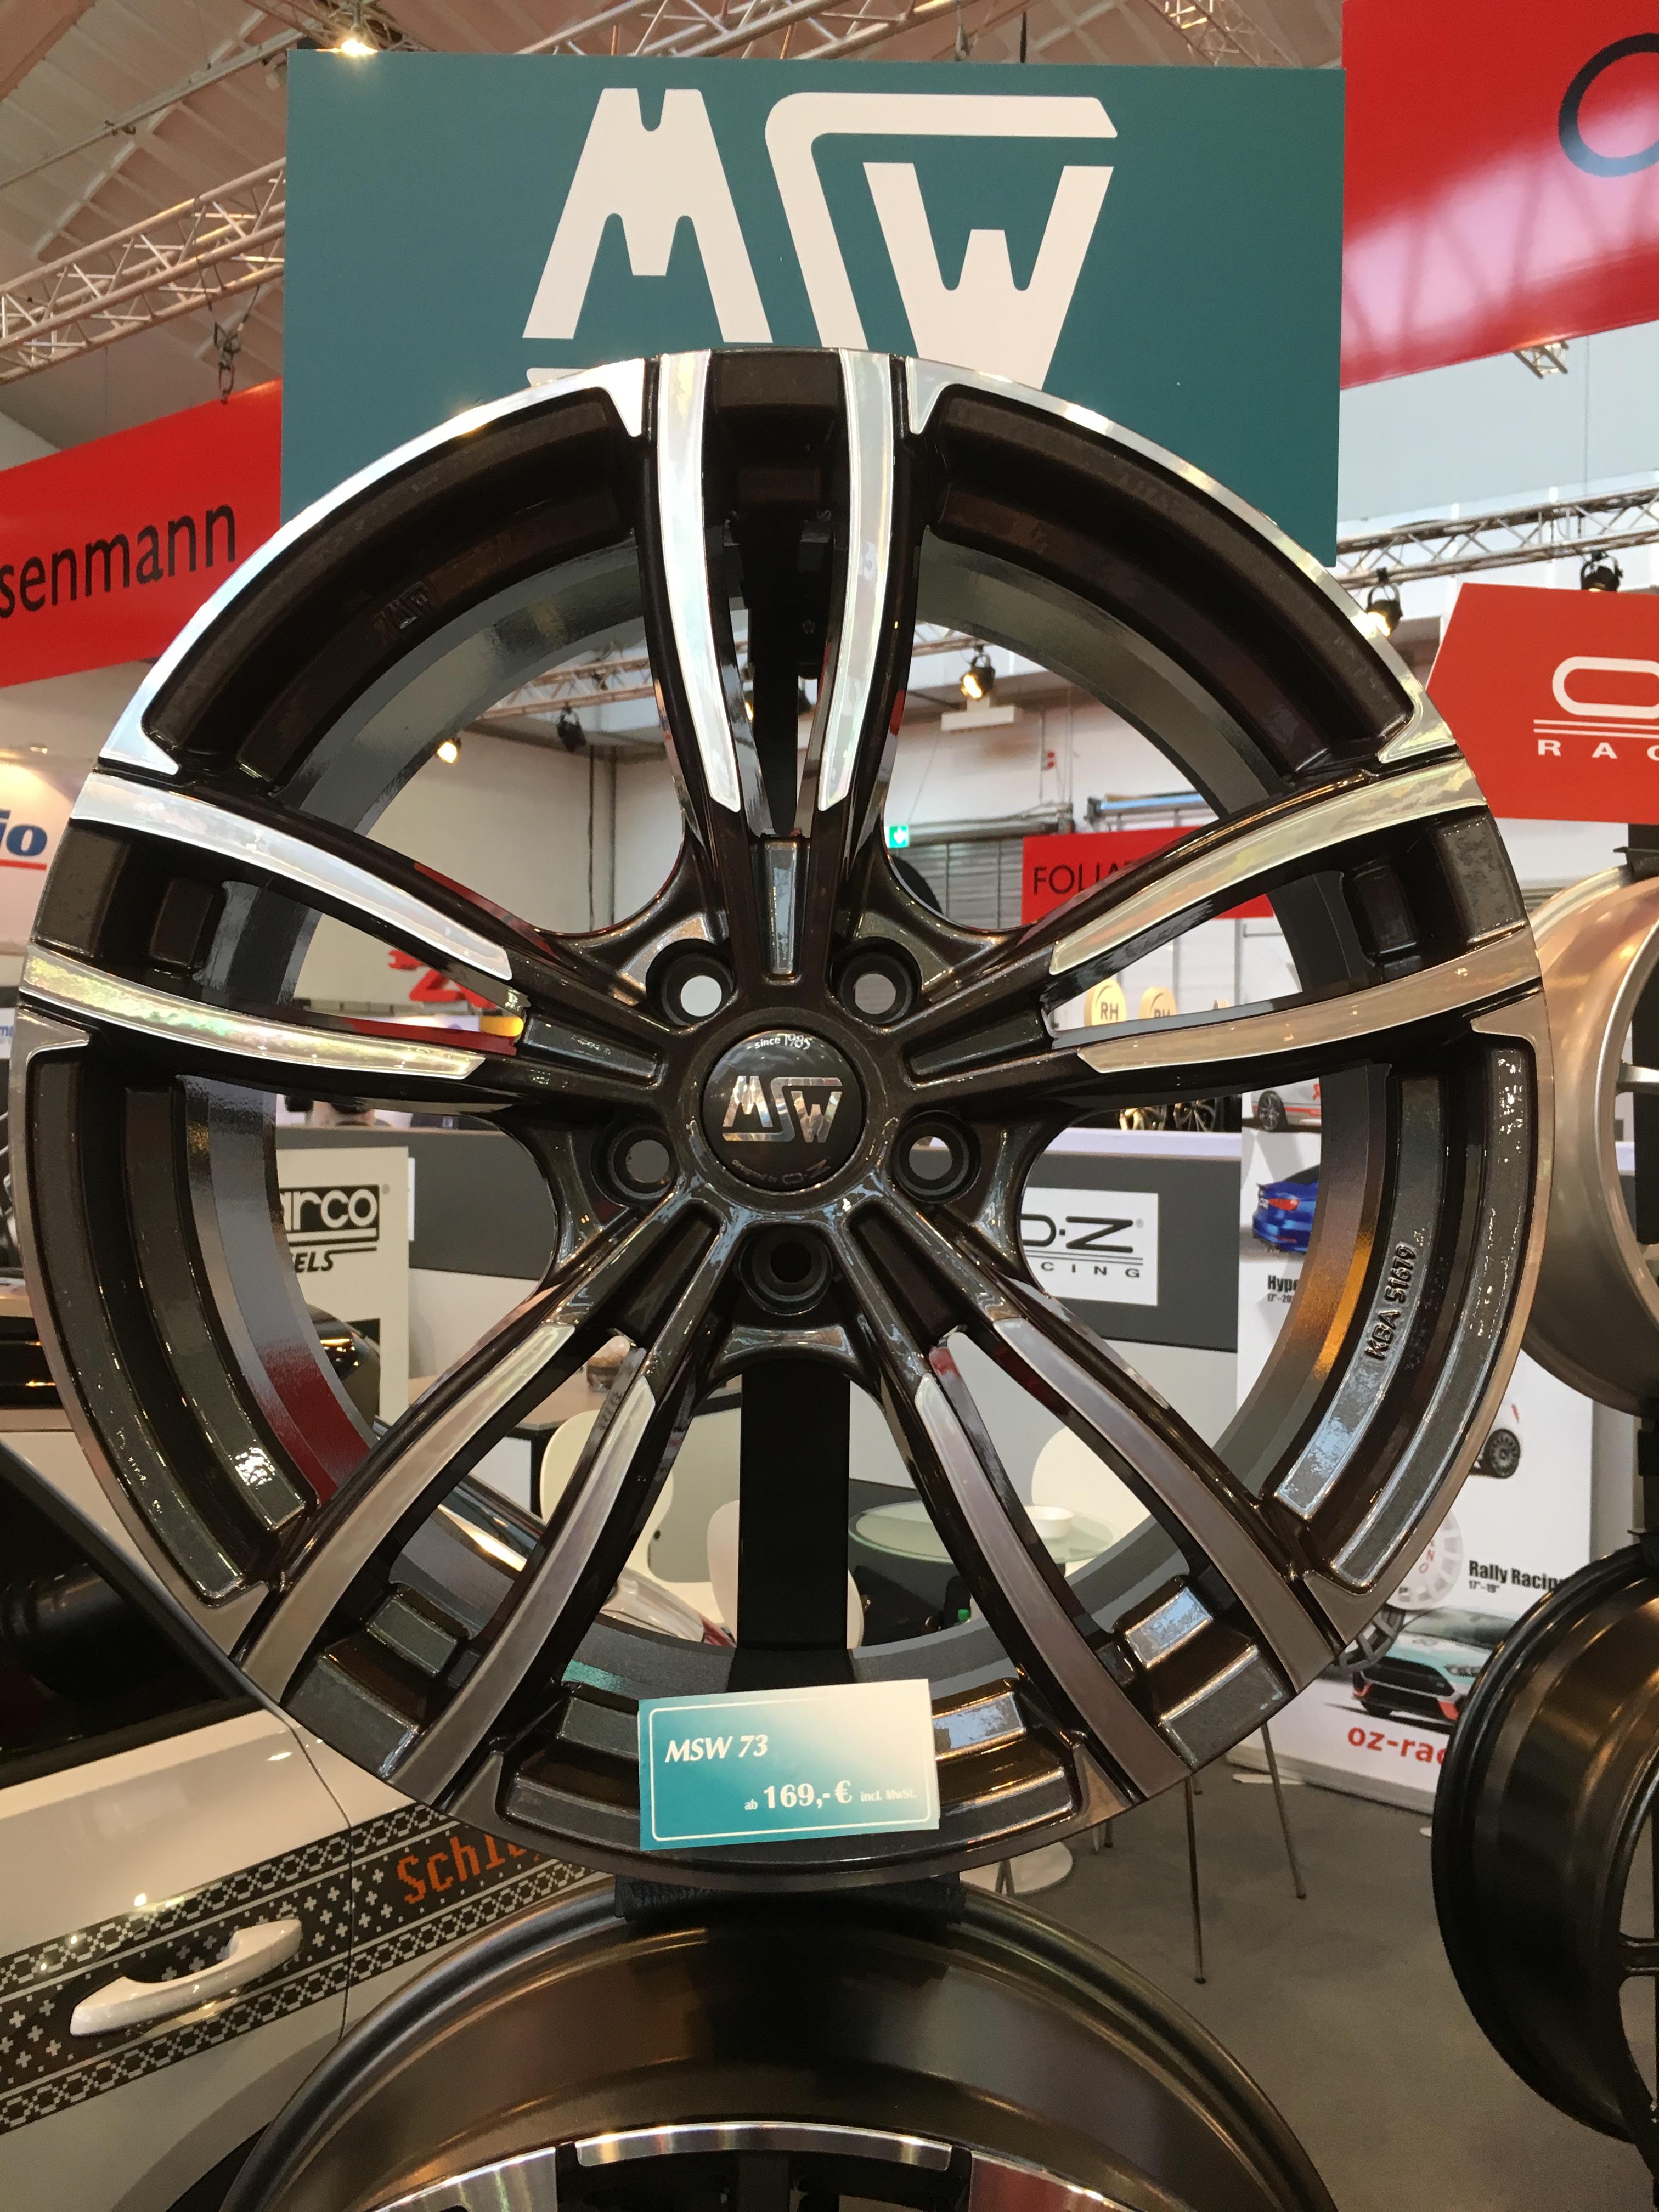 Radhersteller OZ erweitert seine Linie MSW um das Design 73